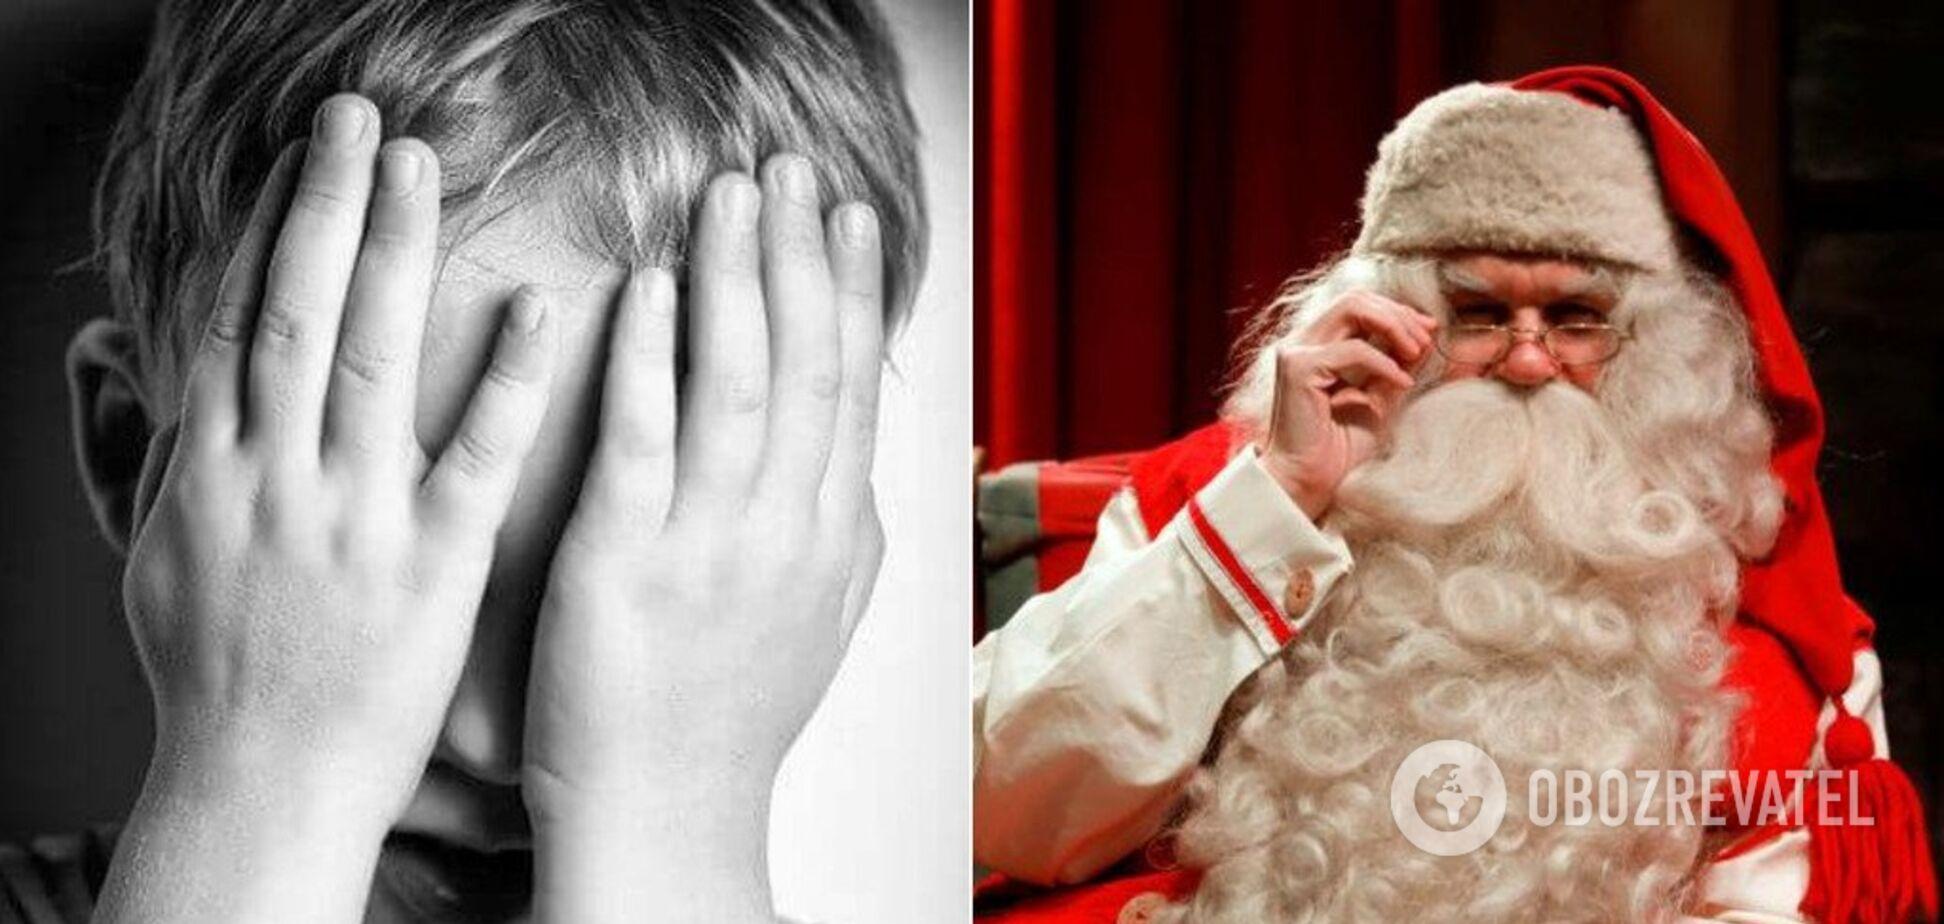 В Крыму Дед Мороз в новогоднюю ночь сжег ребенку лицо. Иллюстрация